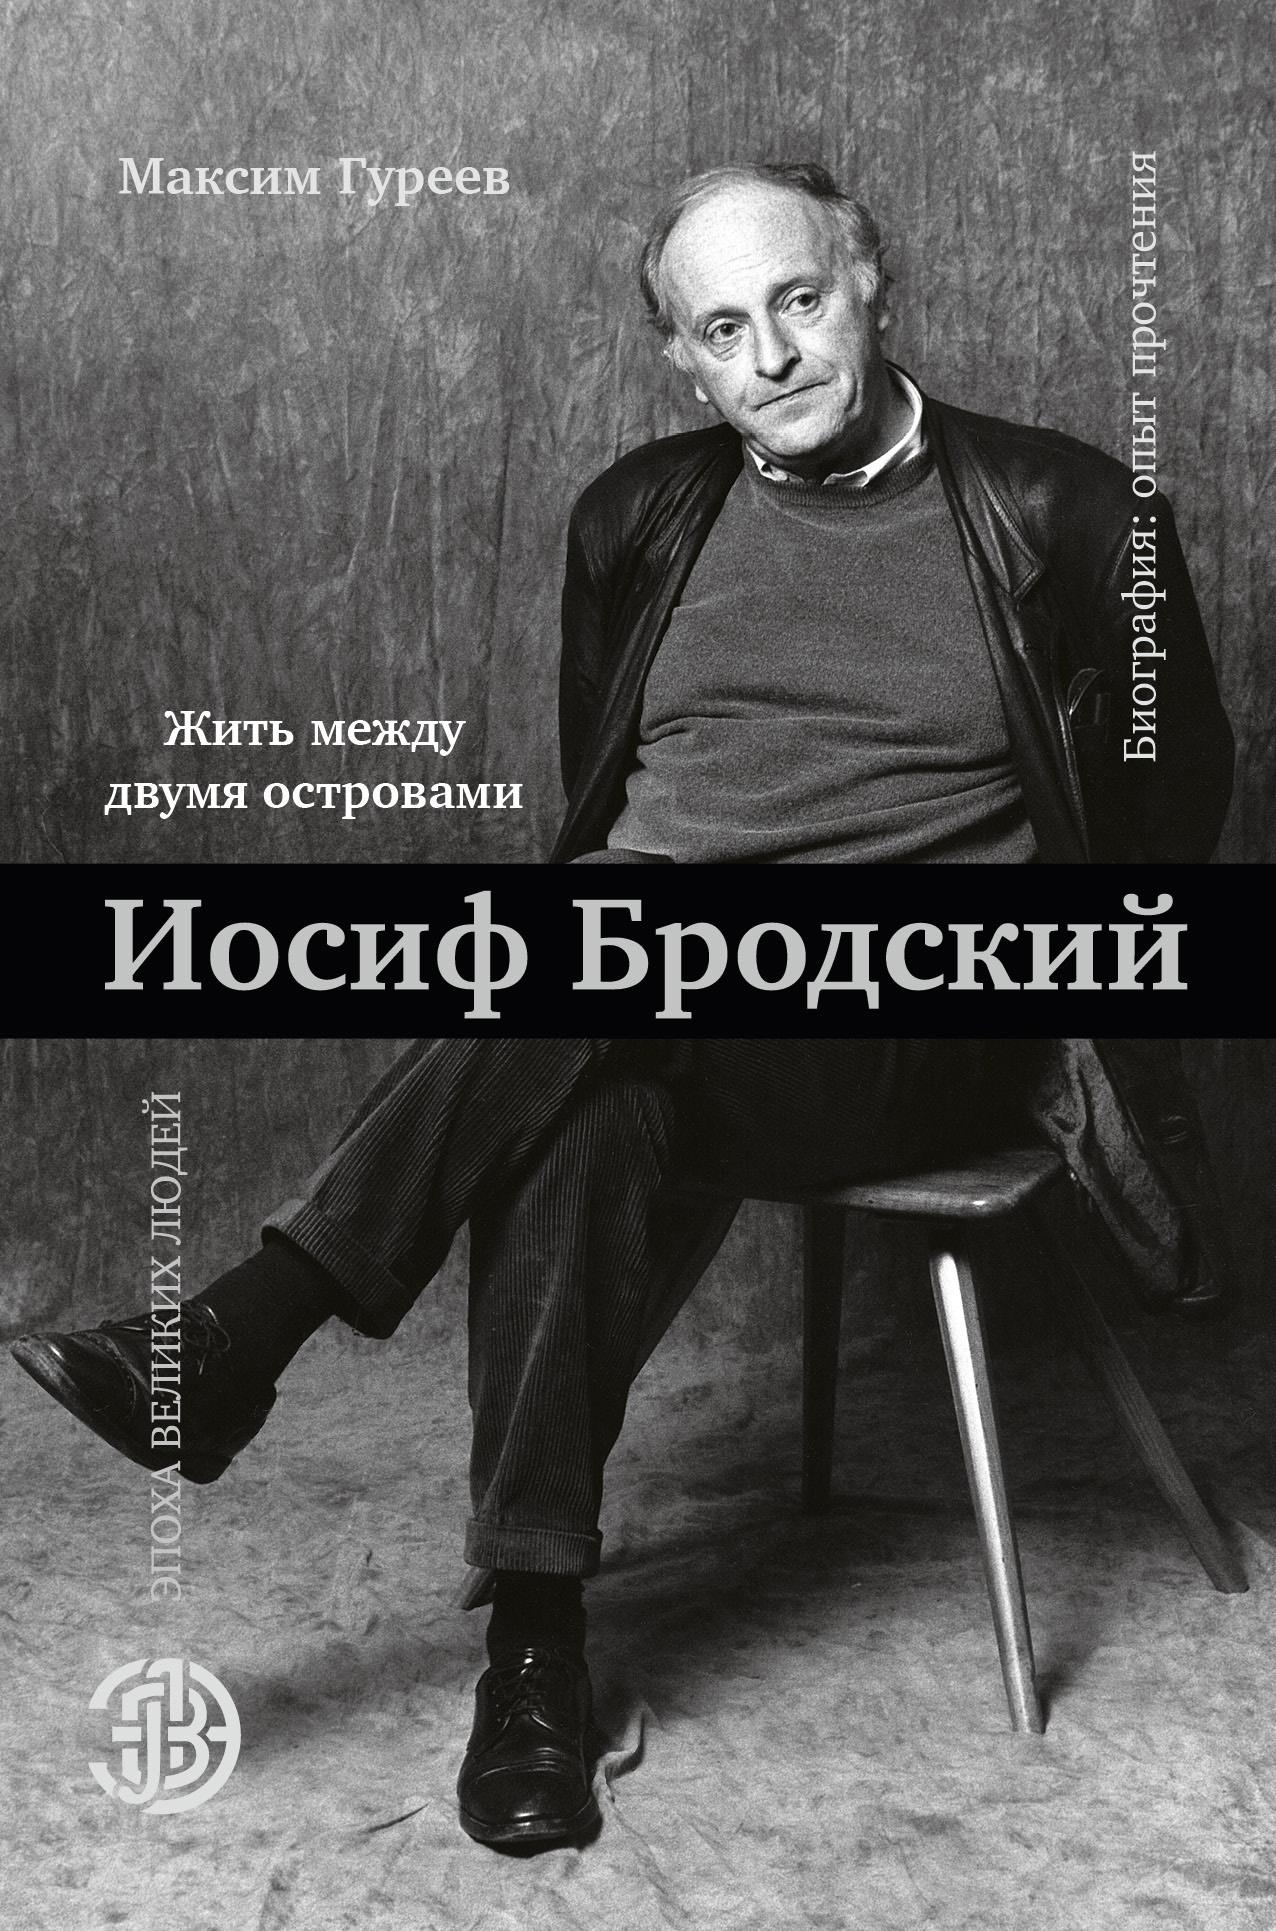 Максим Гуреев Иосиф Бродский. Жить между двумя островами